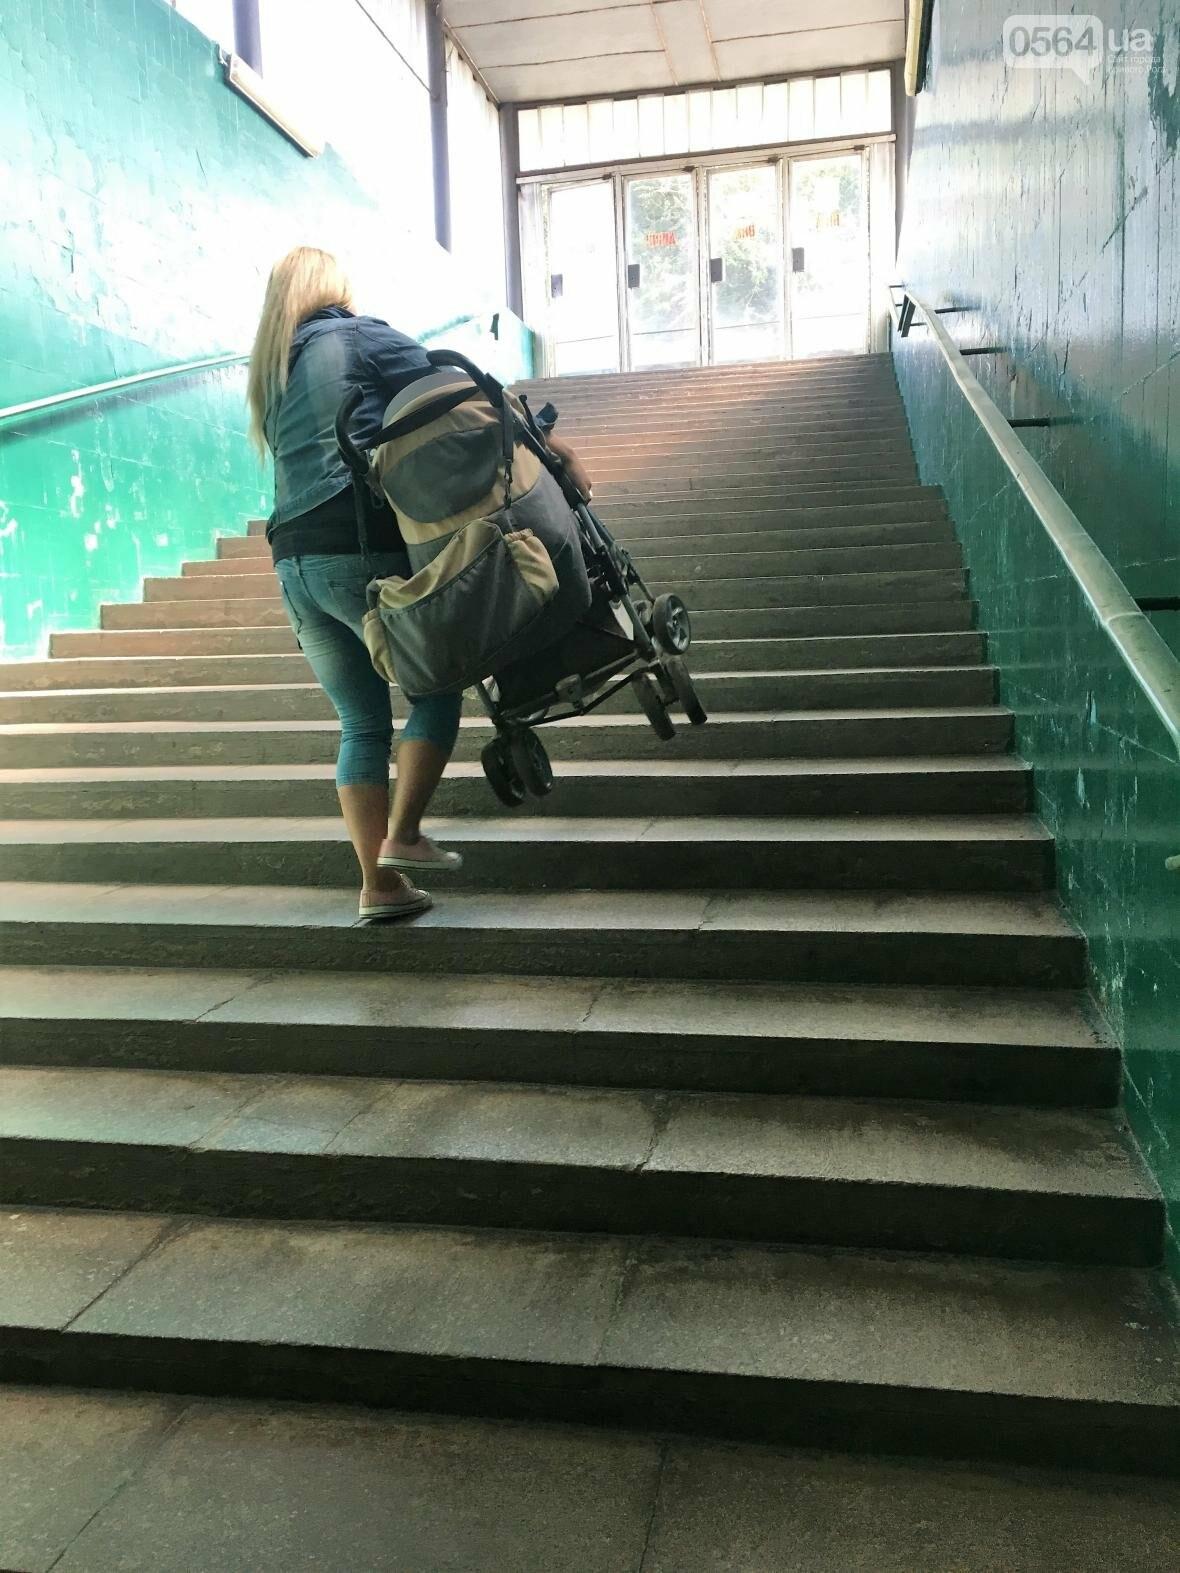 """Криворожский """"блокбастер"""": Как доехать до больницы с ребенком в коляске (ФОТО), фото-34"""